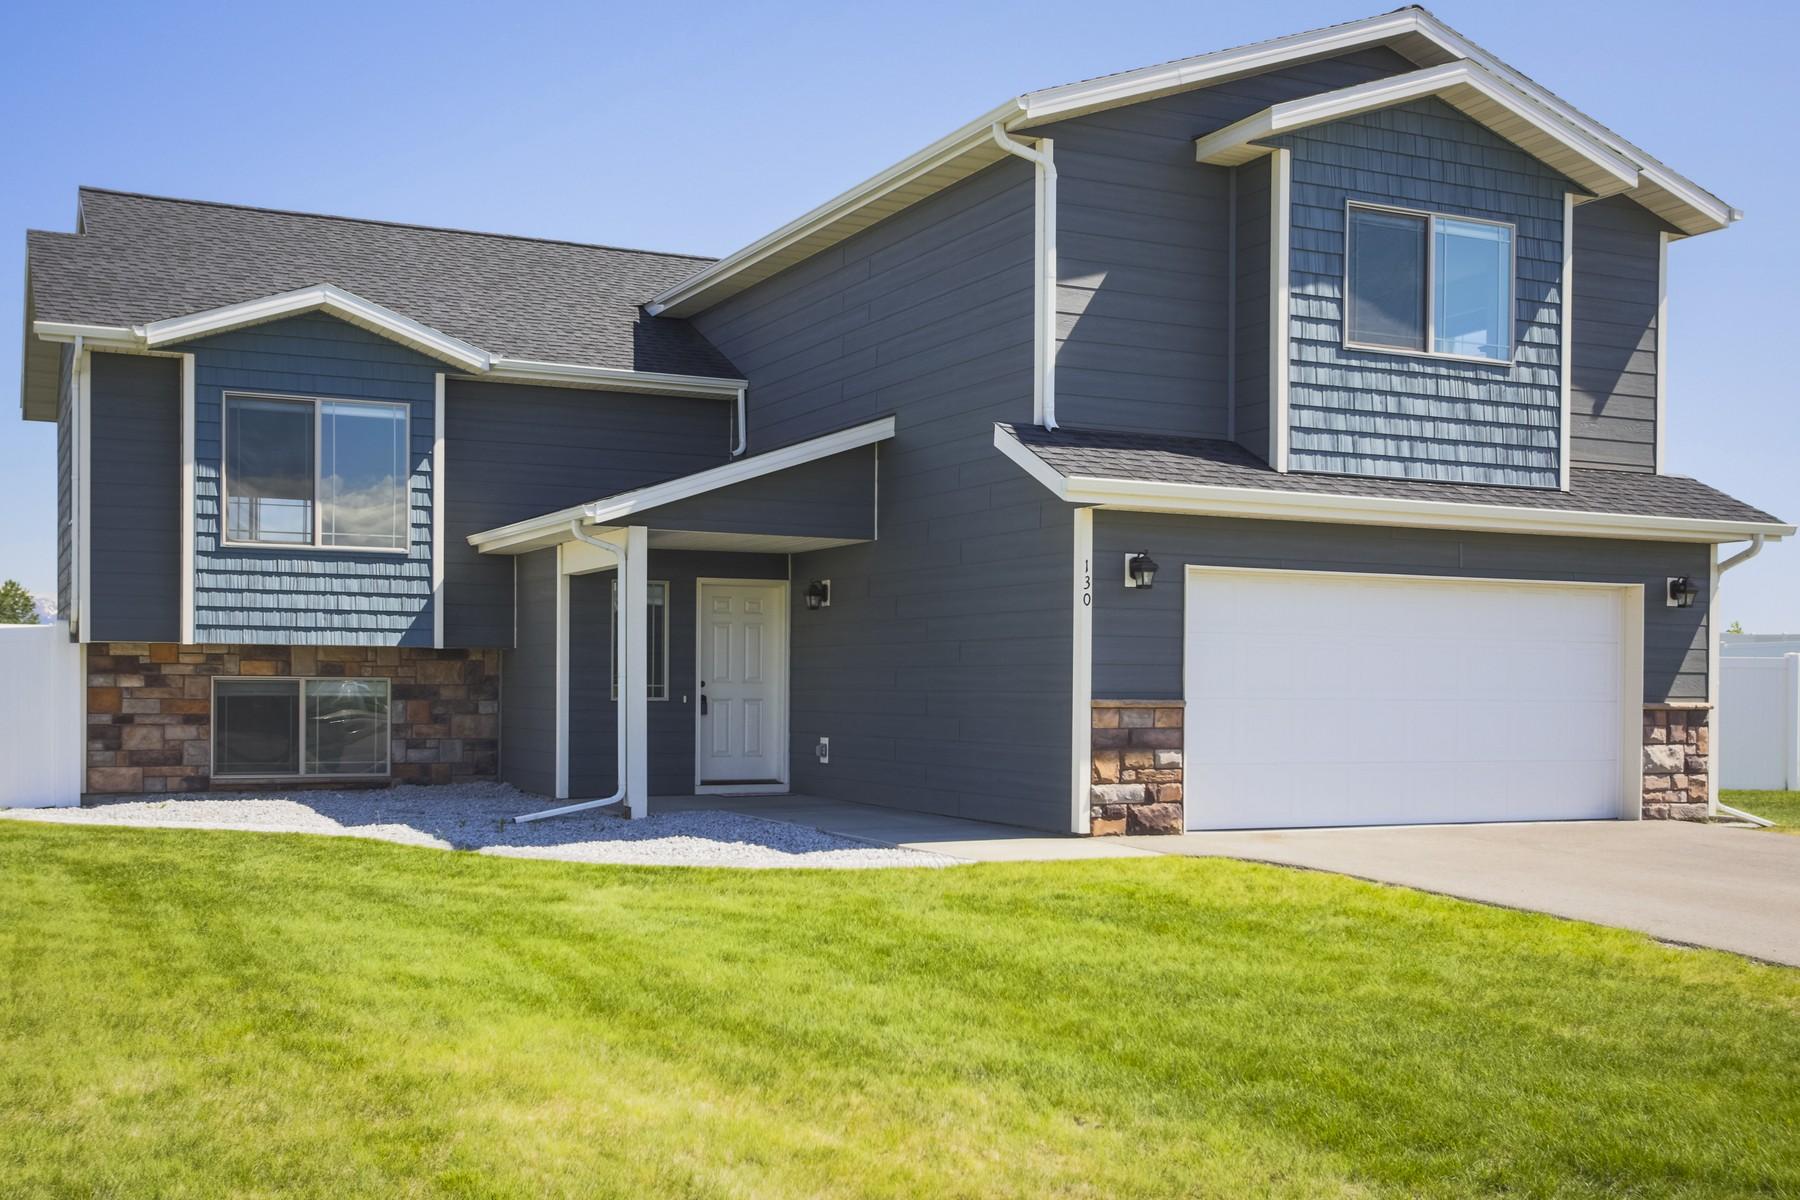 Частный односемейный дом для того Продажа на 130 Snowcrest Court Kalispell, Монтана 59901 Соединенные Штаты